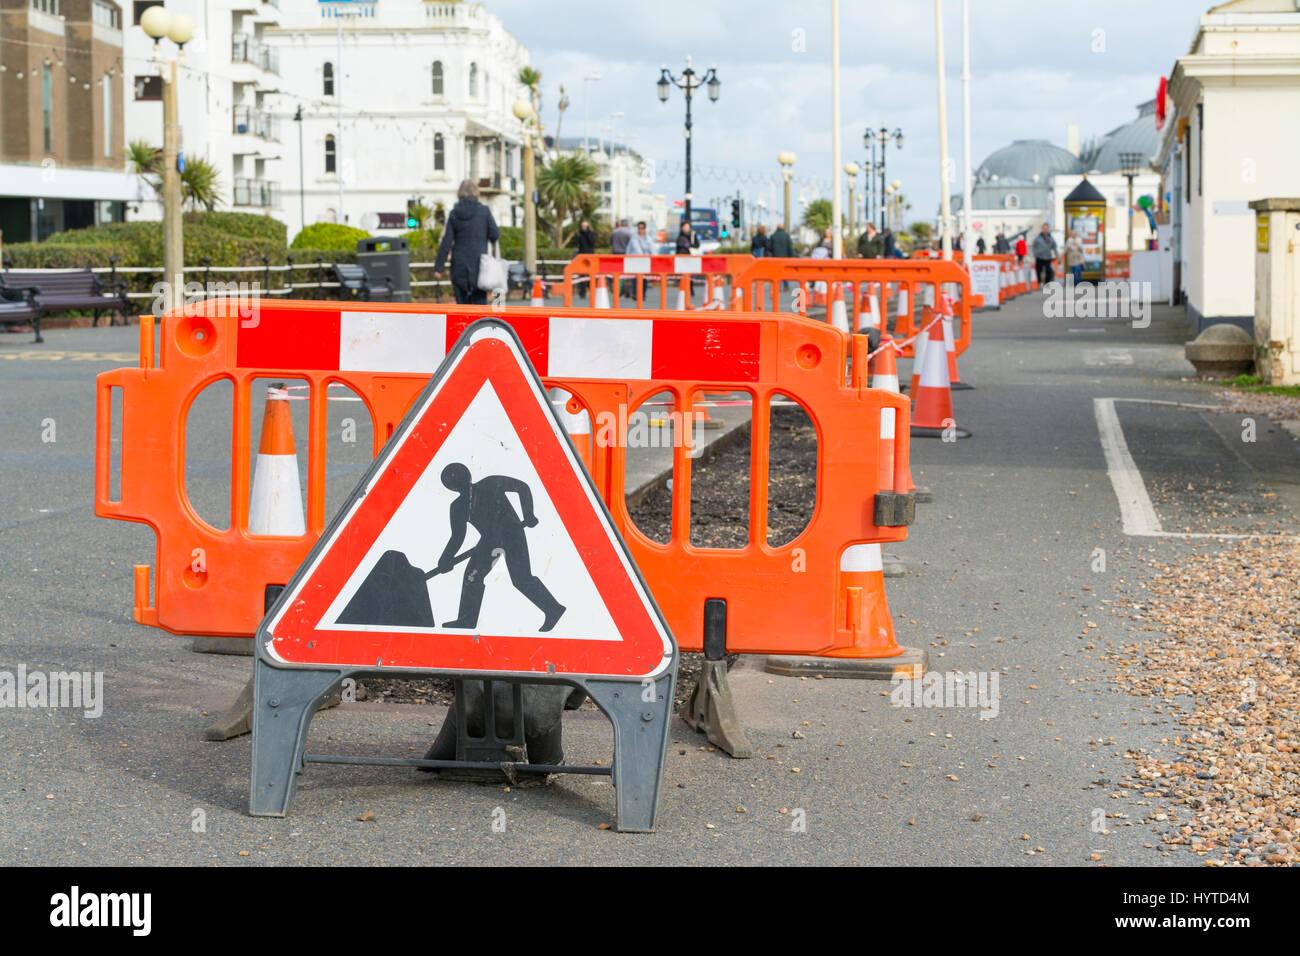 Le pavage de la chaussée bloqué par travaux publics sur un chemin au Royaume-Uni. Photo Stock